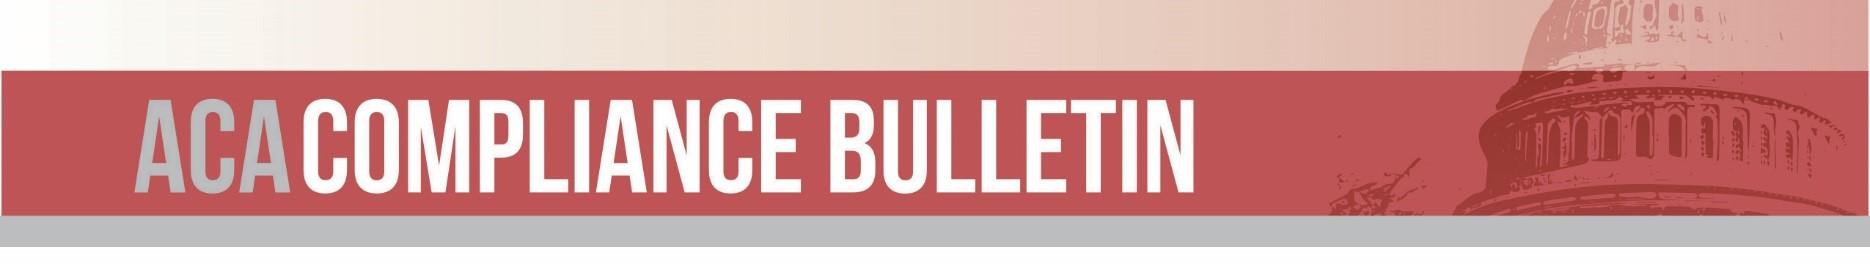 Complaince Bulletin